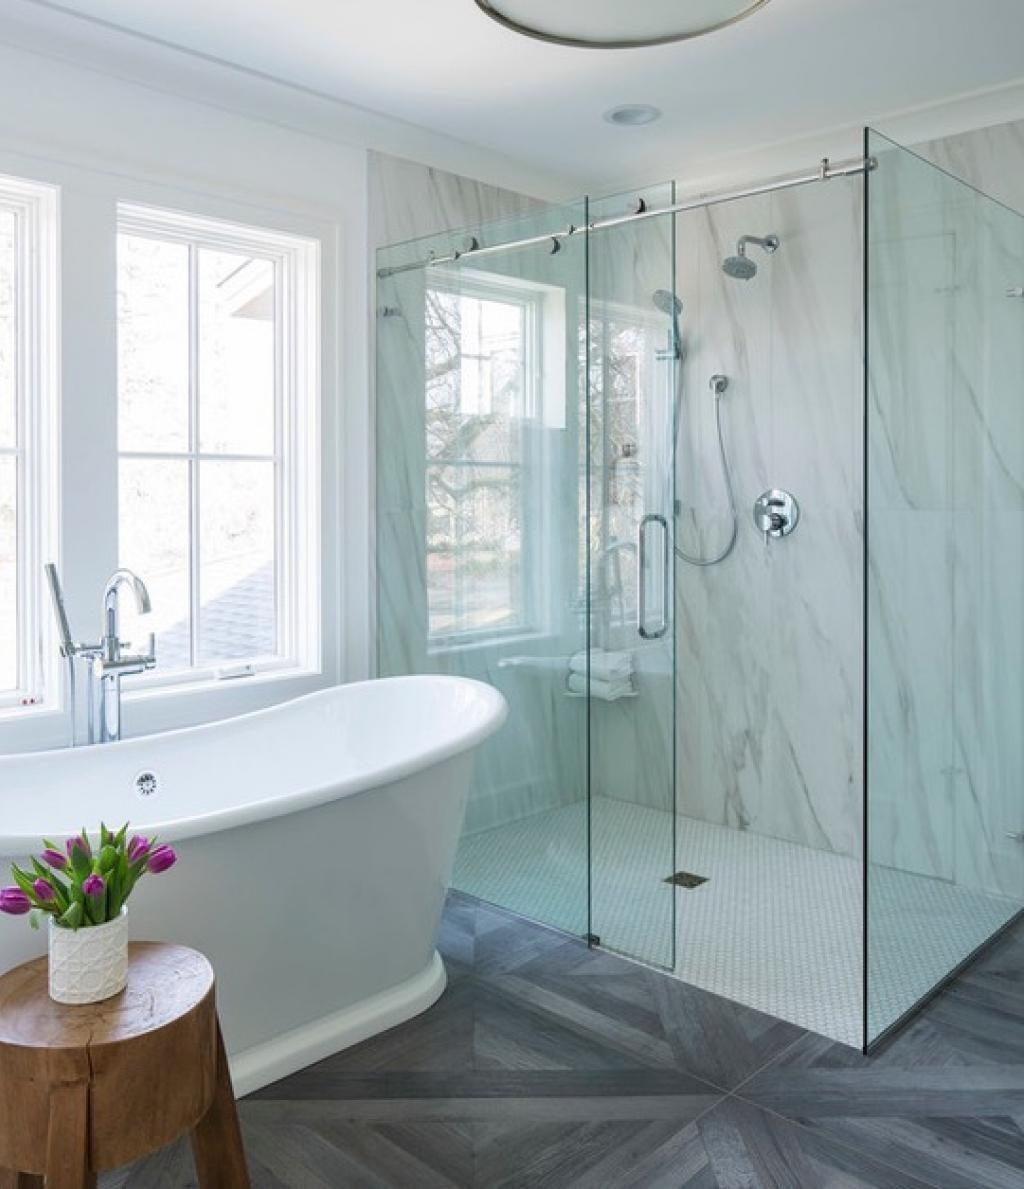 Les 10 salles de bain qui vous feront rêver! - Images - Lesmaisons